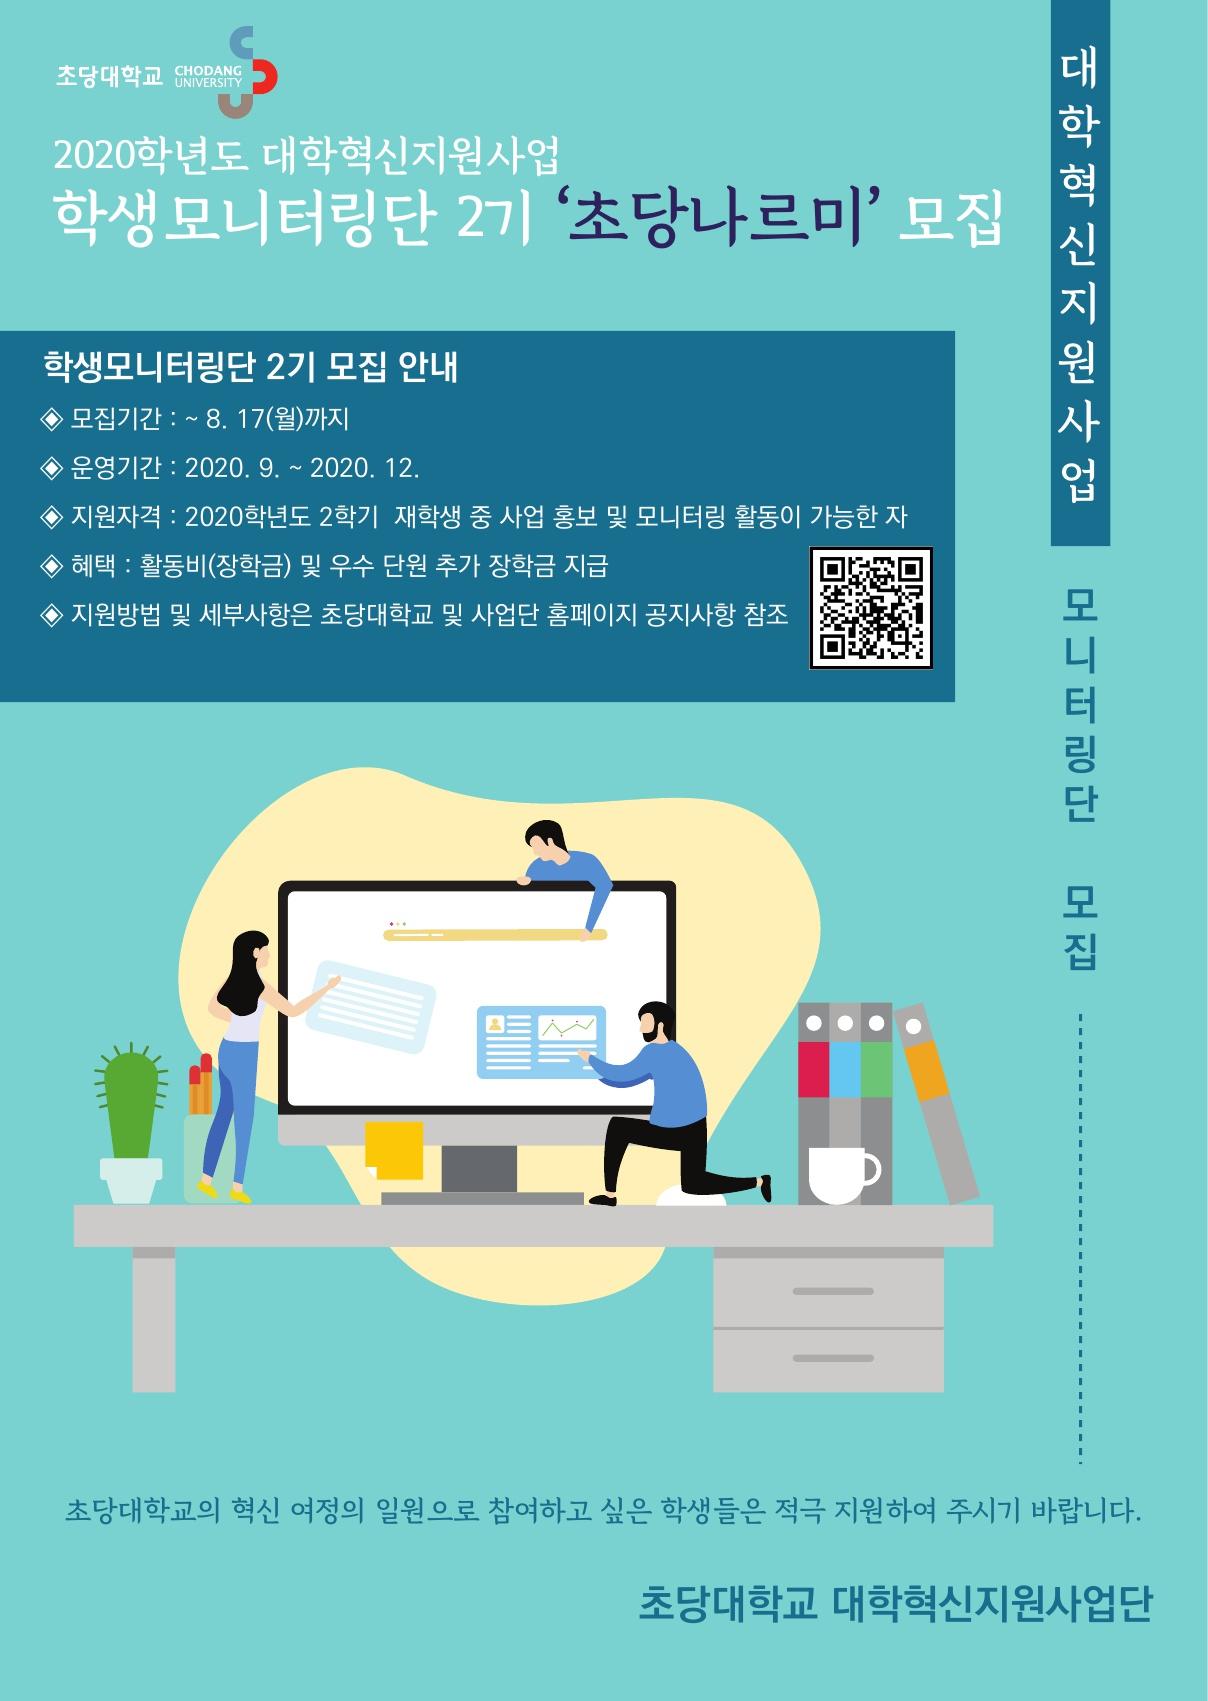 2020학년도 대학혁신지원사업 학생모니터링단 초당나르미 모집 포스터.jpg